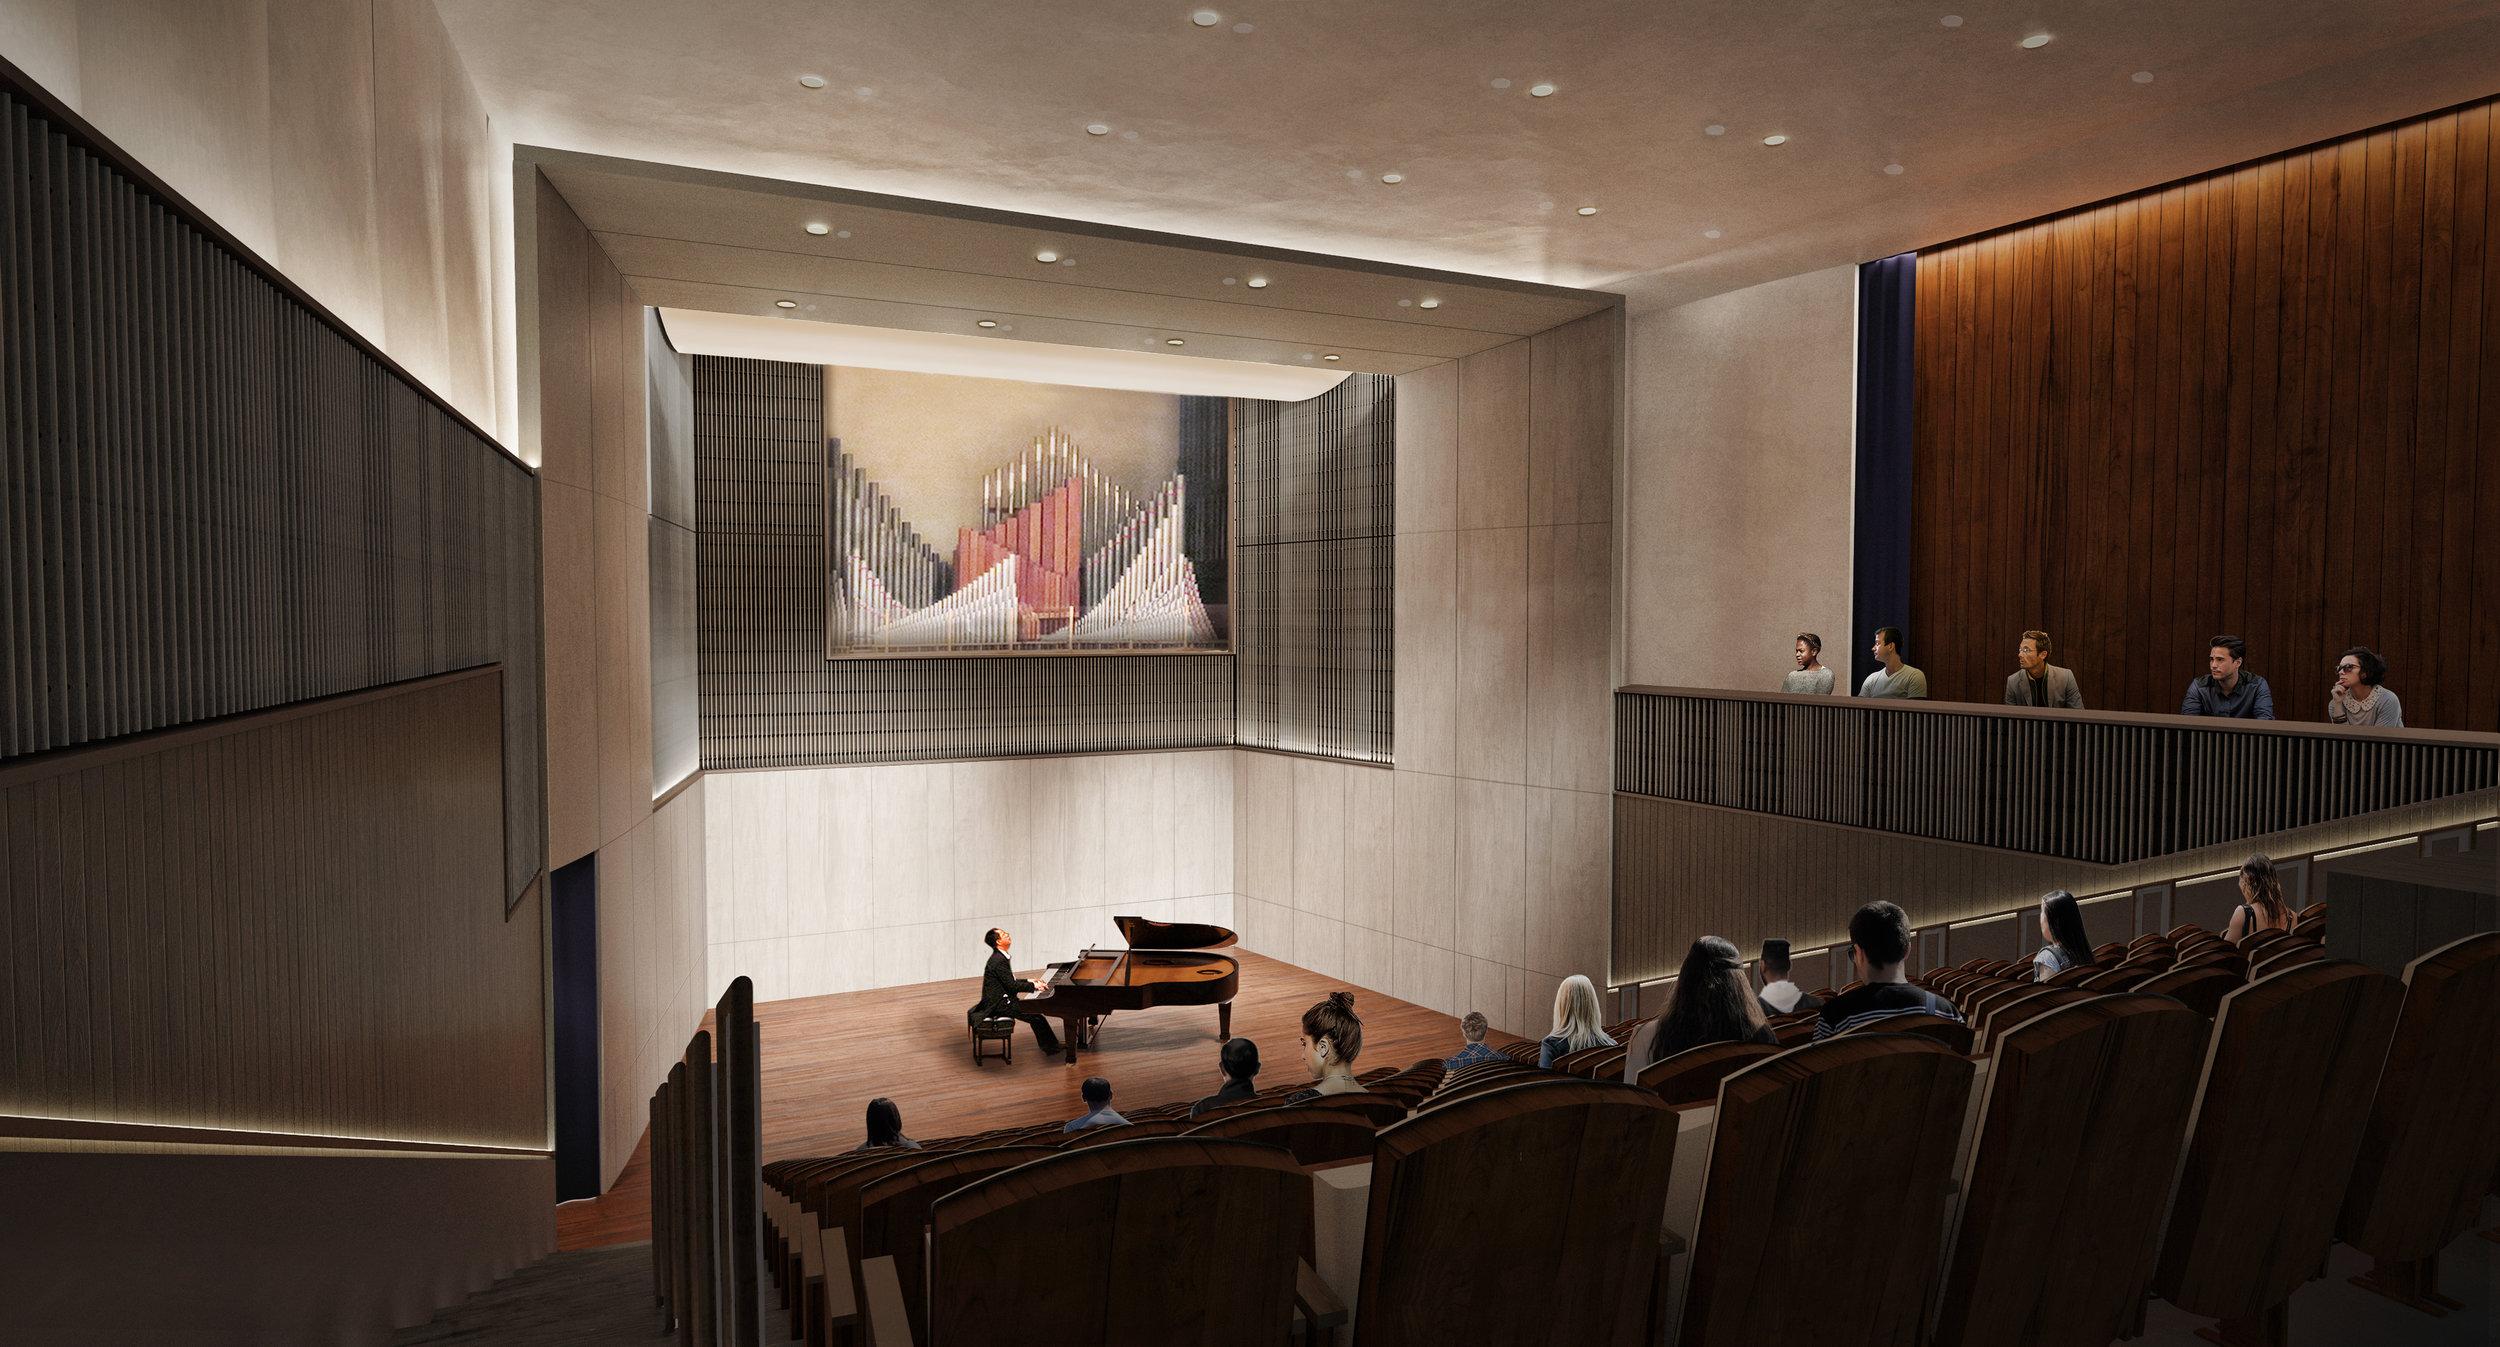 Recital Hall_03.jpg